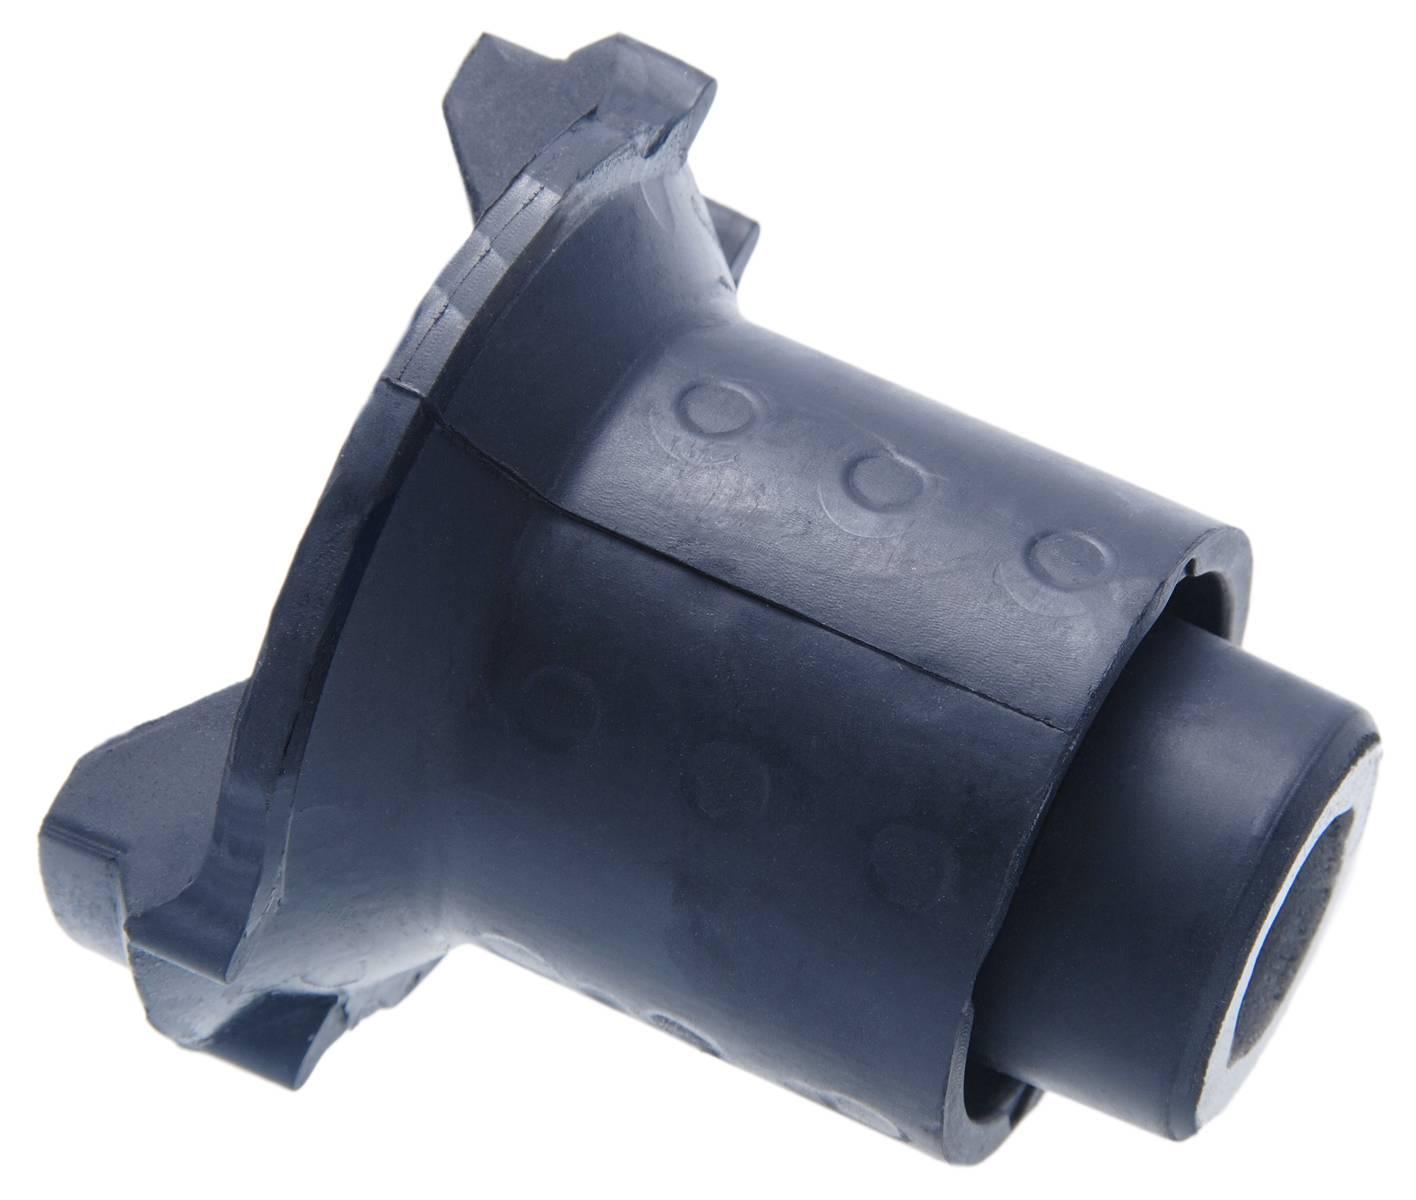 Rear Body Bushing Febest BZAB-021 Oem A1663310142